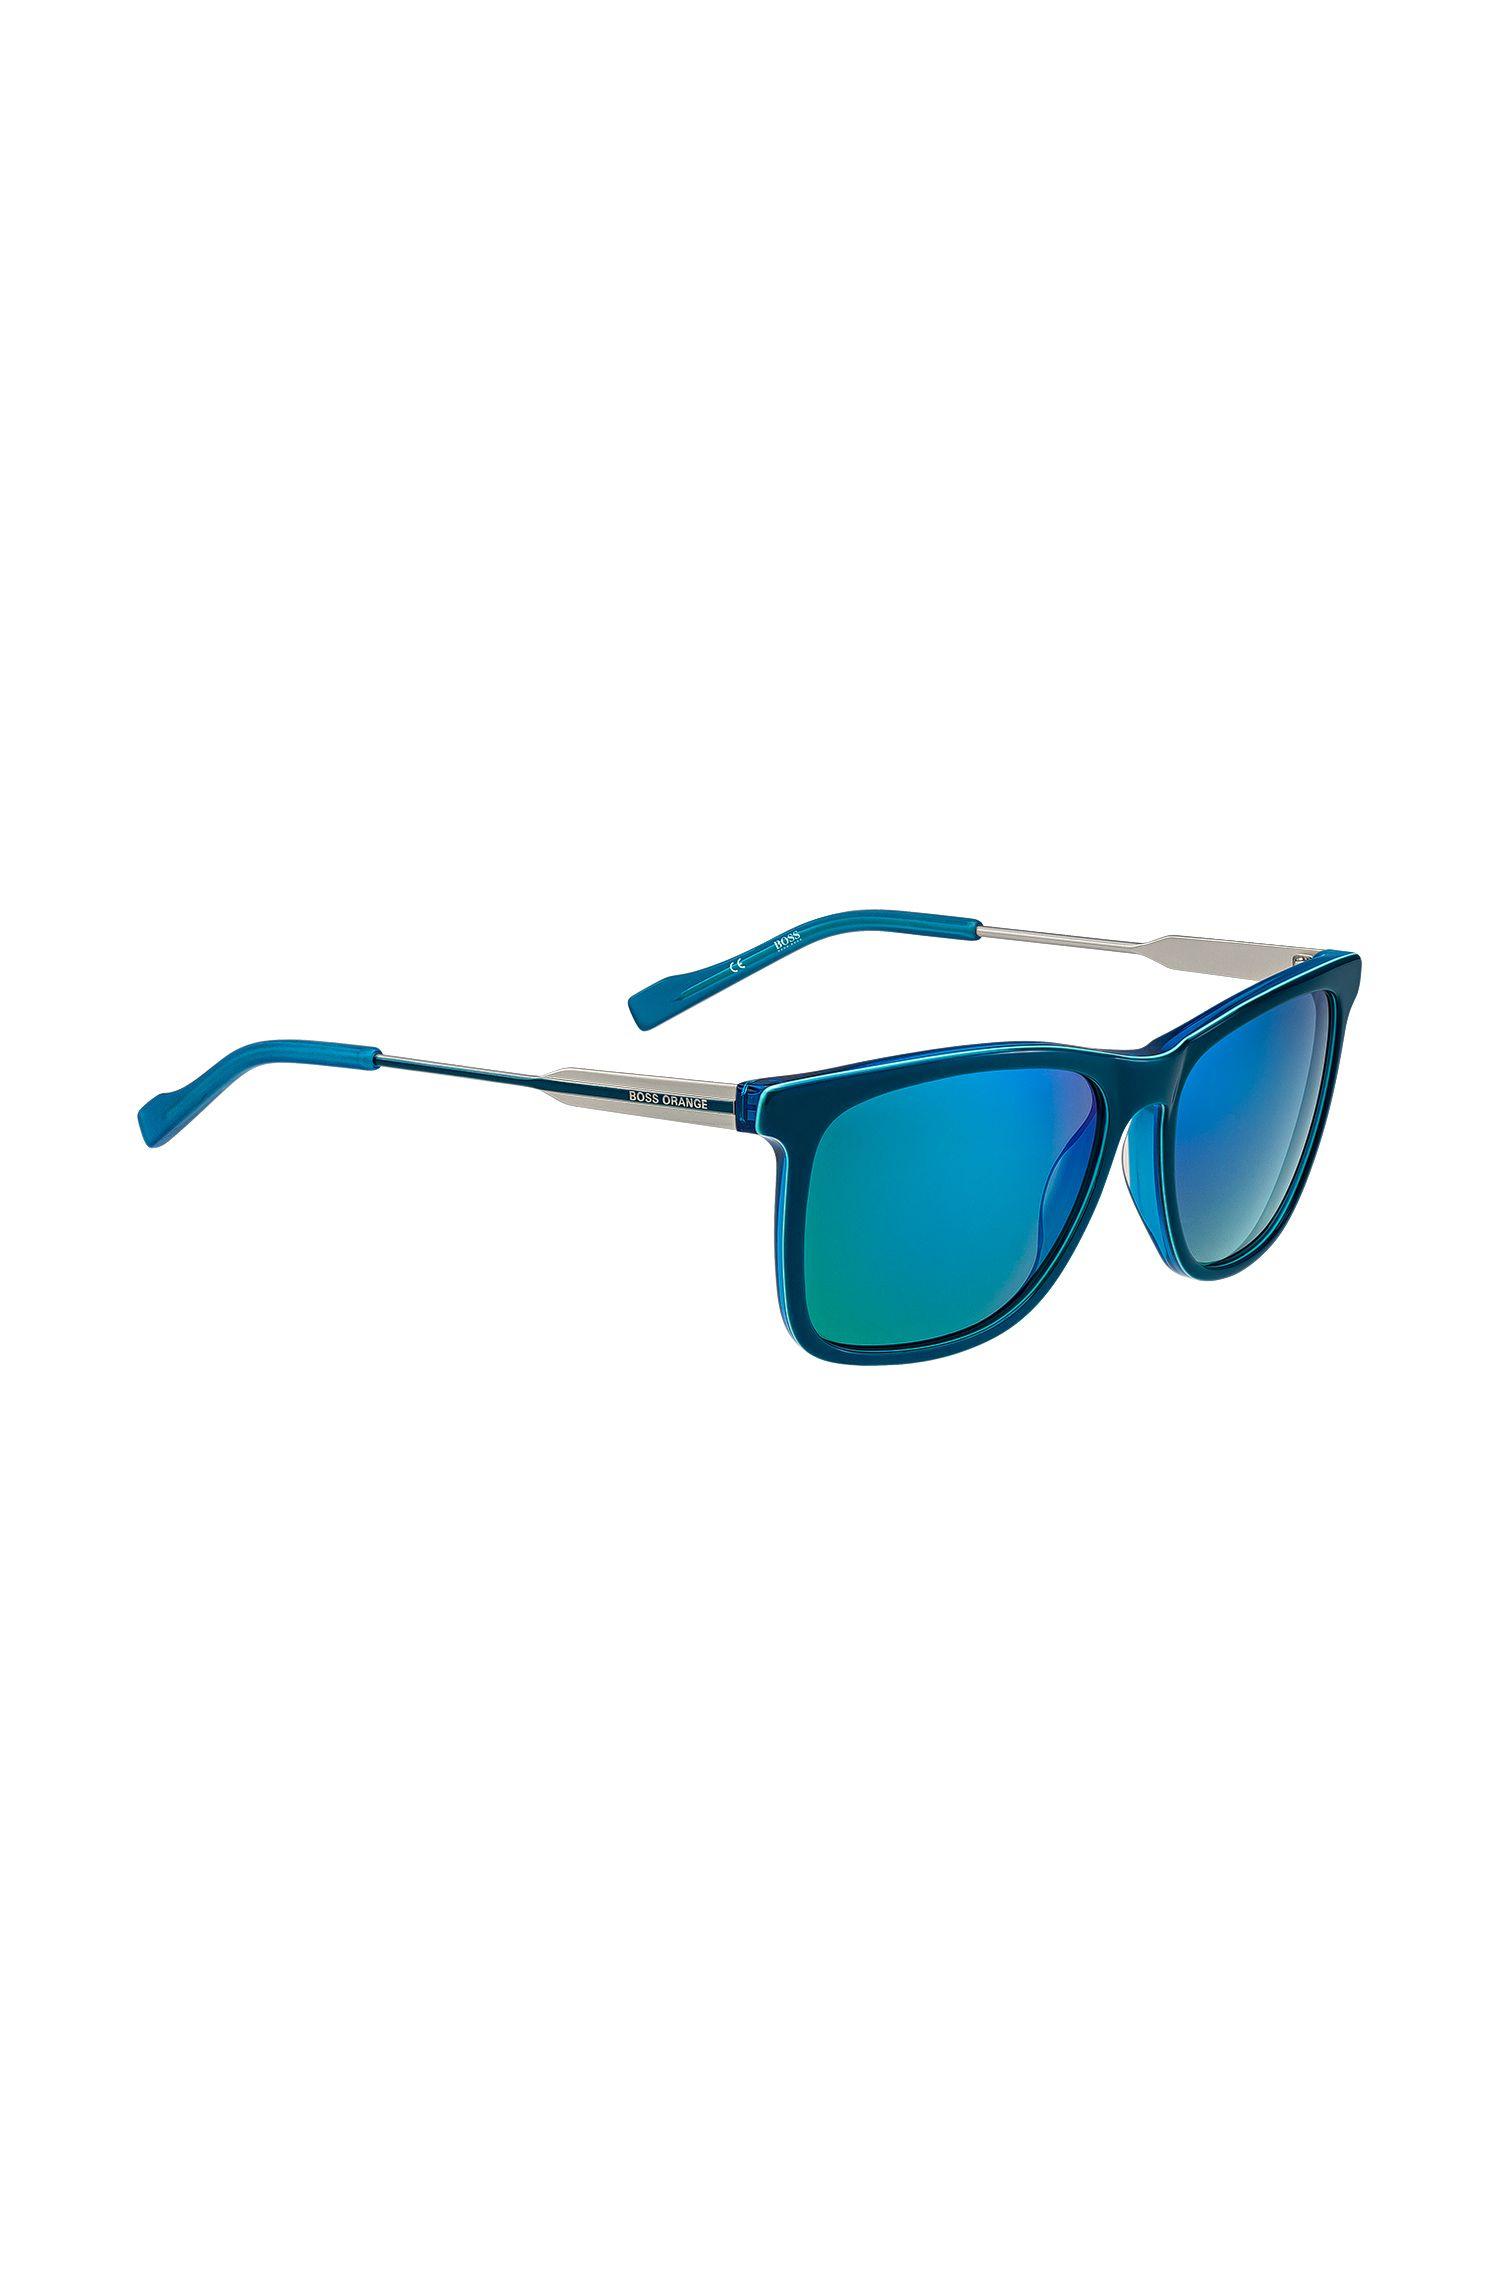 Gafas de sol: 'BO 0299/S'